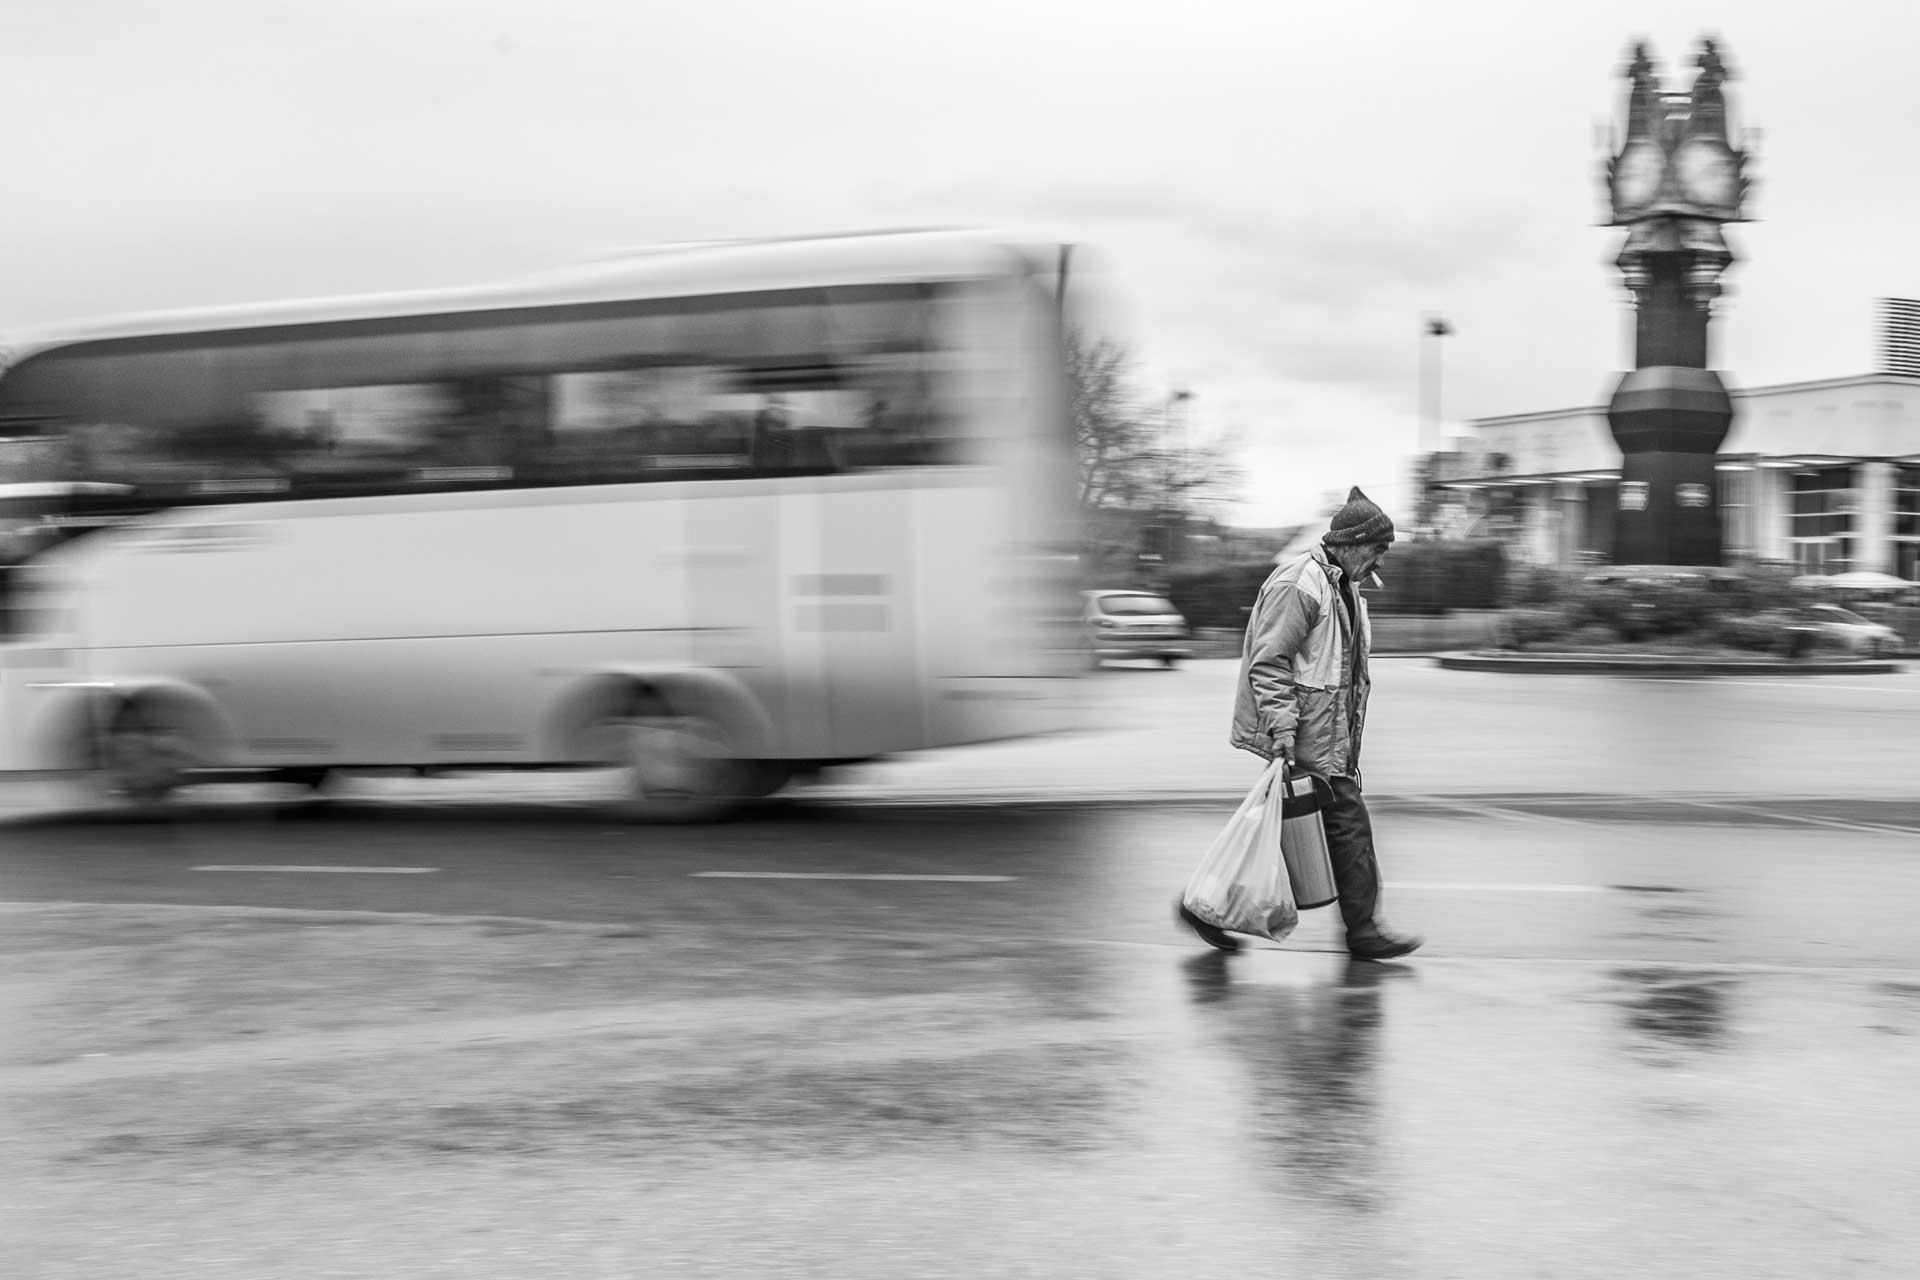 Ulus Meydan Ankara Batıkent Metrosu Ankara Fotoğrafları Ankara Sokaklarından Resimler Gezgin Fotoğrafçı Çekergezer Hakan Aydın Ankara Fotoğrafları